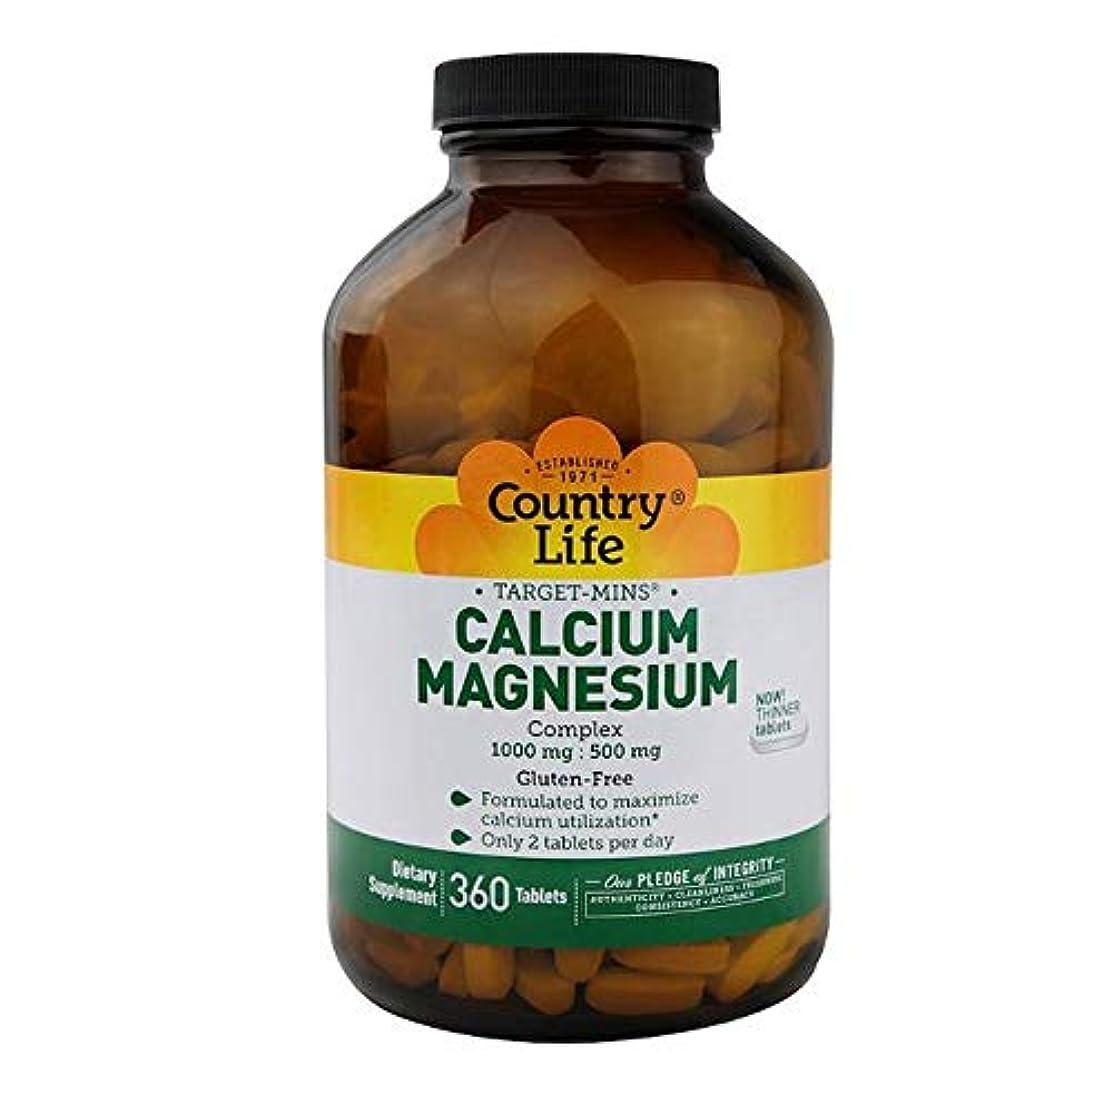 セッション平行と組むCountry Life ターゲット ミネラル カルシウム マグネシウム 複合体 360錠 【アメリカ直送】